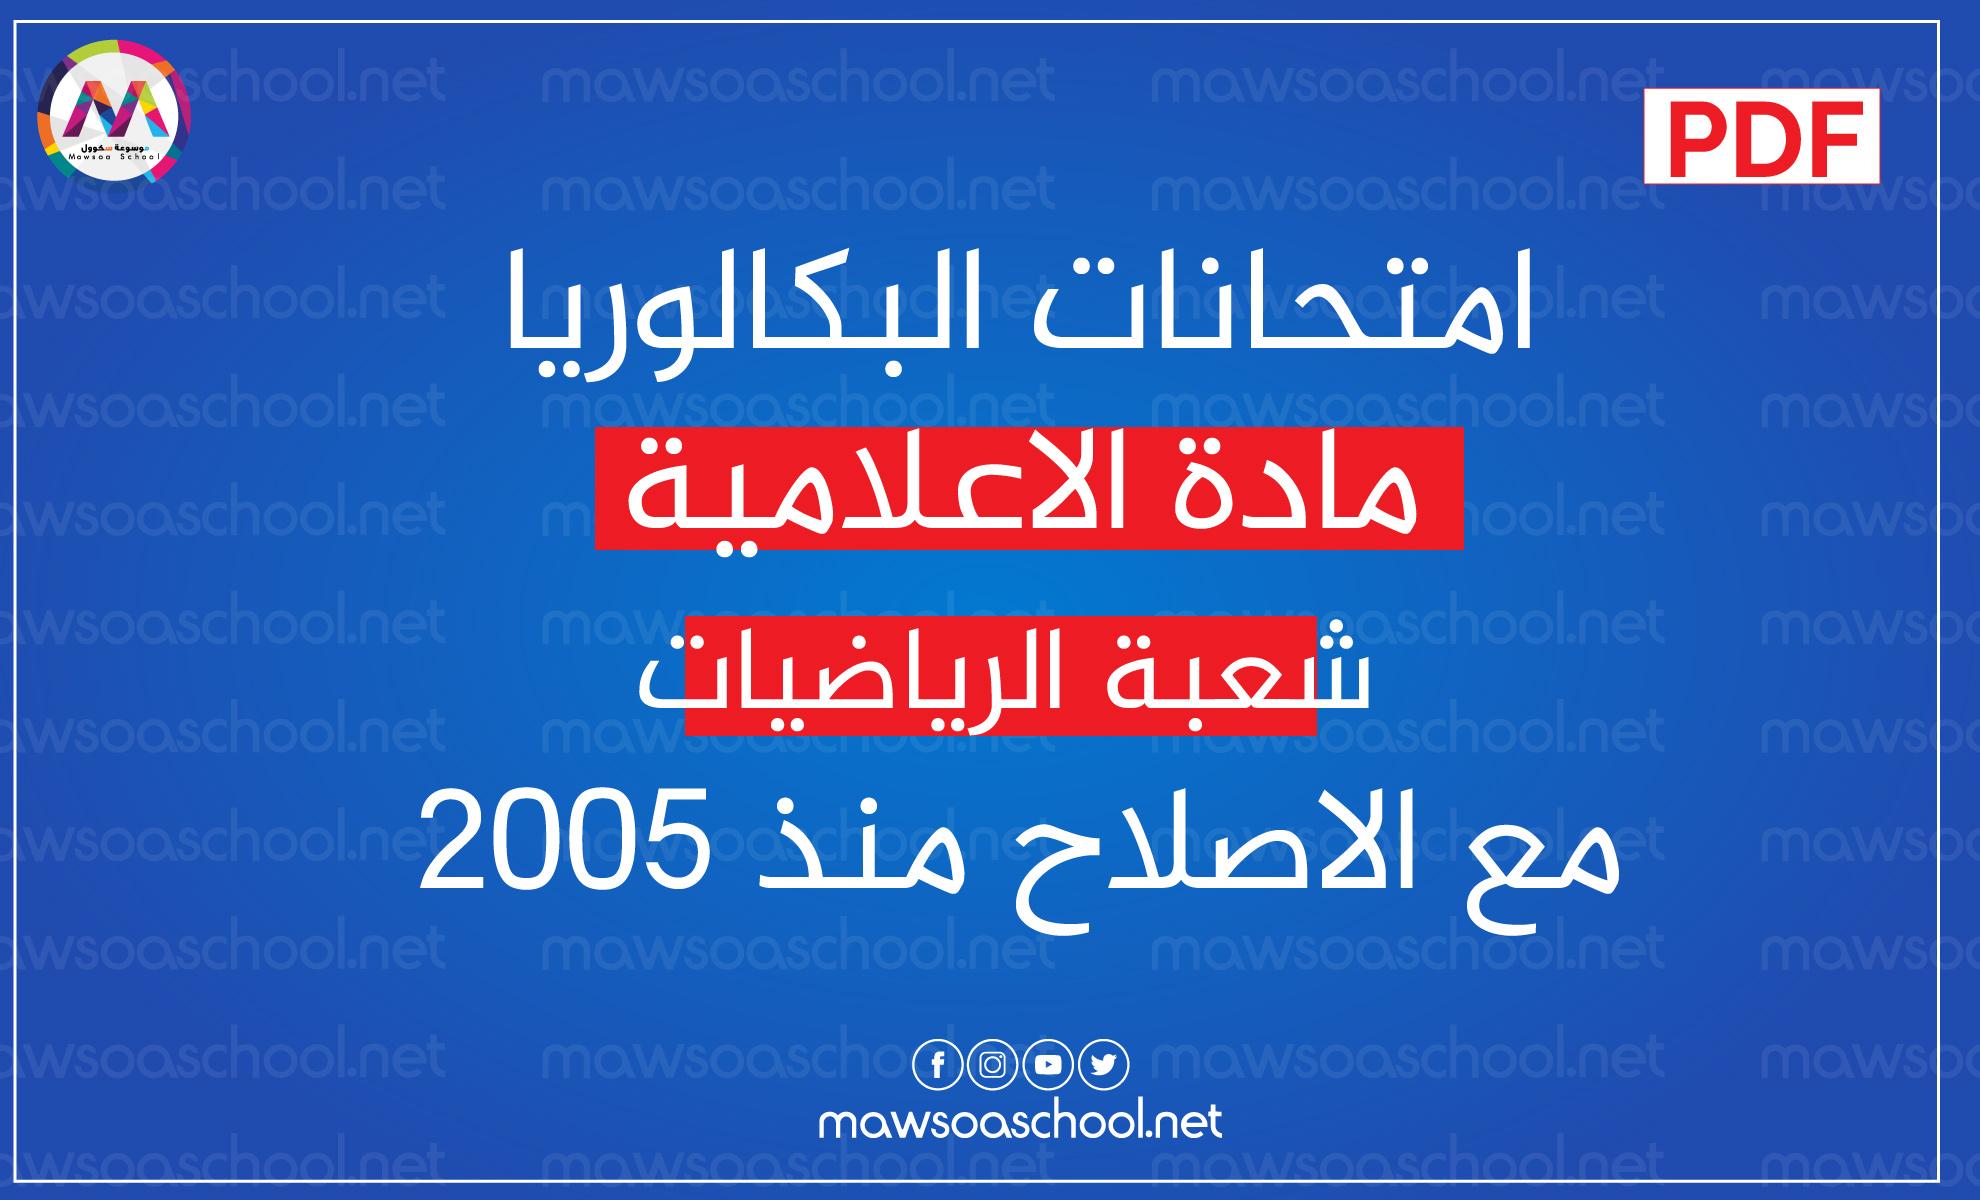 امتحانات البكالوريا مادة الاعلامية - شعبة الرياضة مع الاصلاح منذ 2005PDF Les épreuves du Bac Sport - Informatique depuis 2005